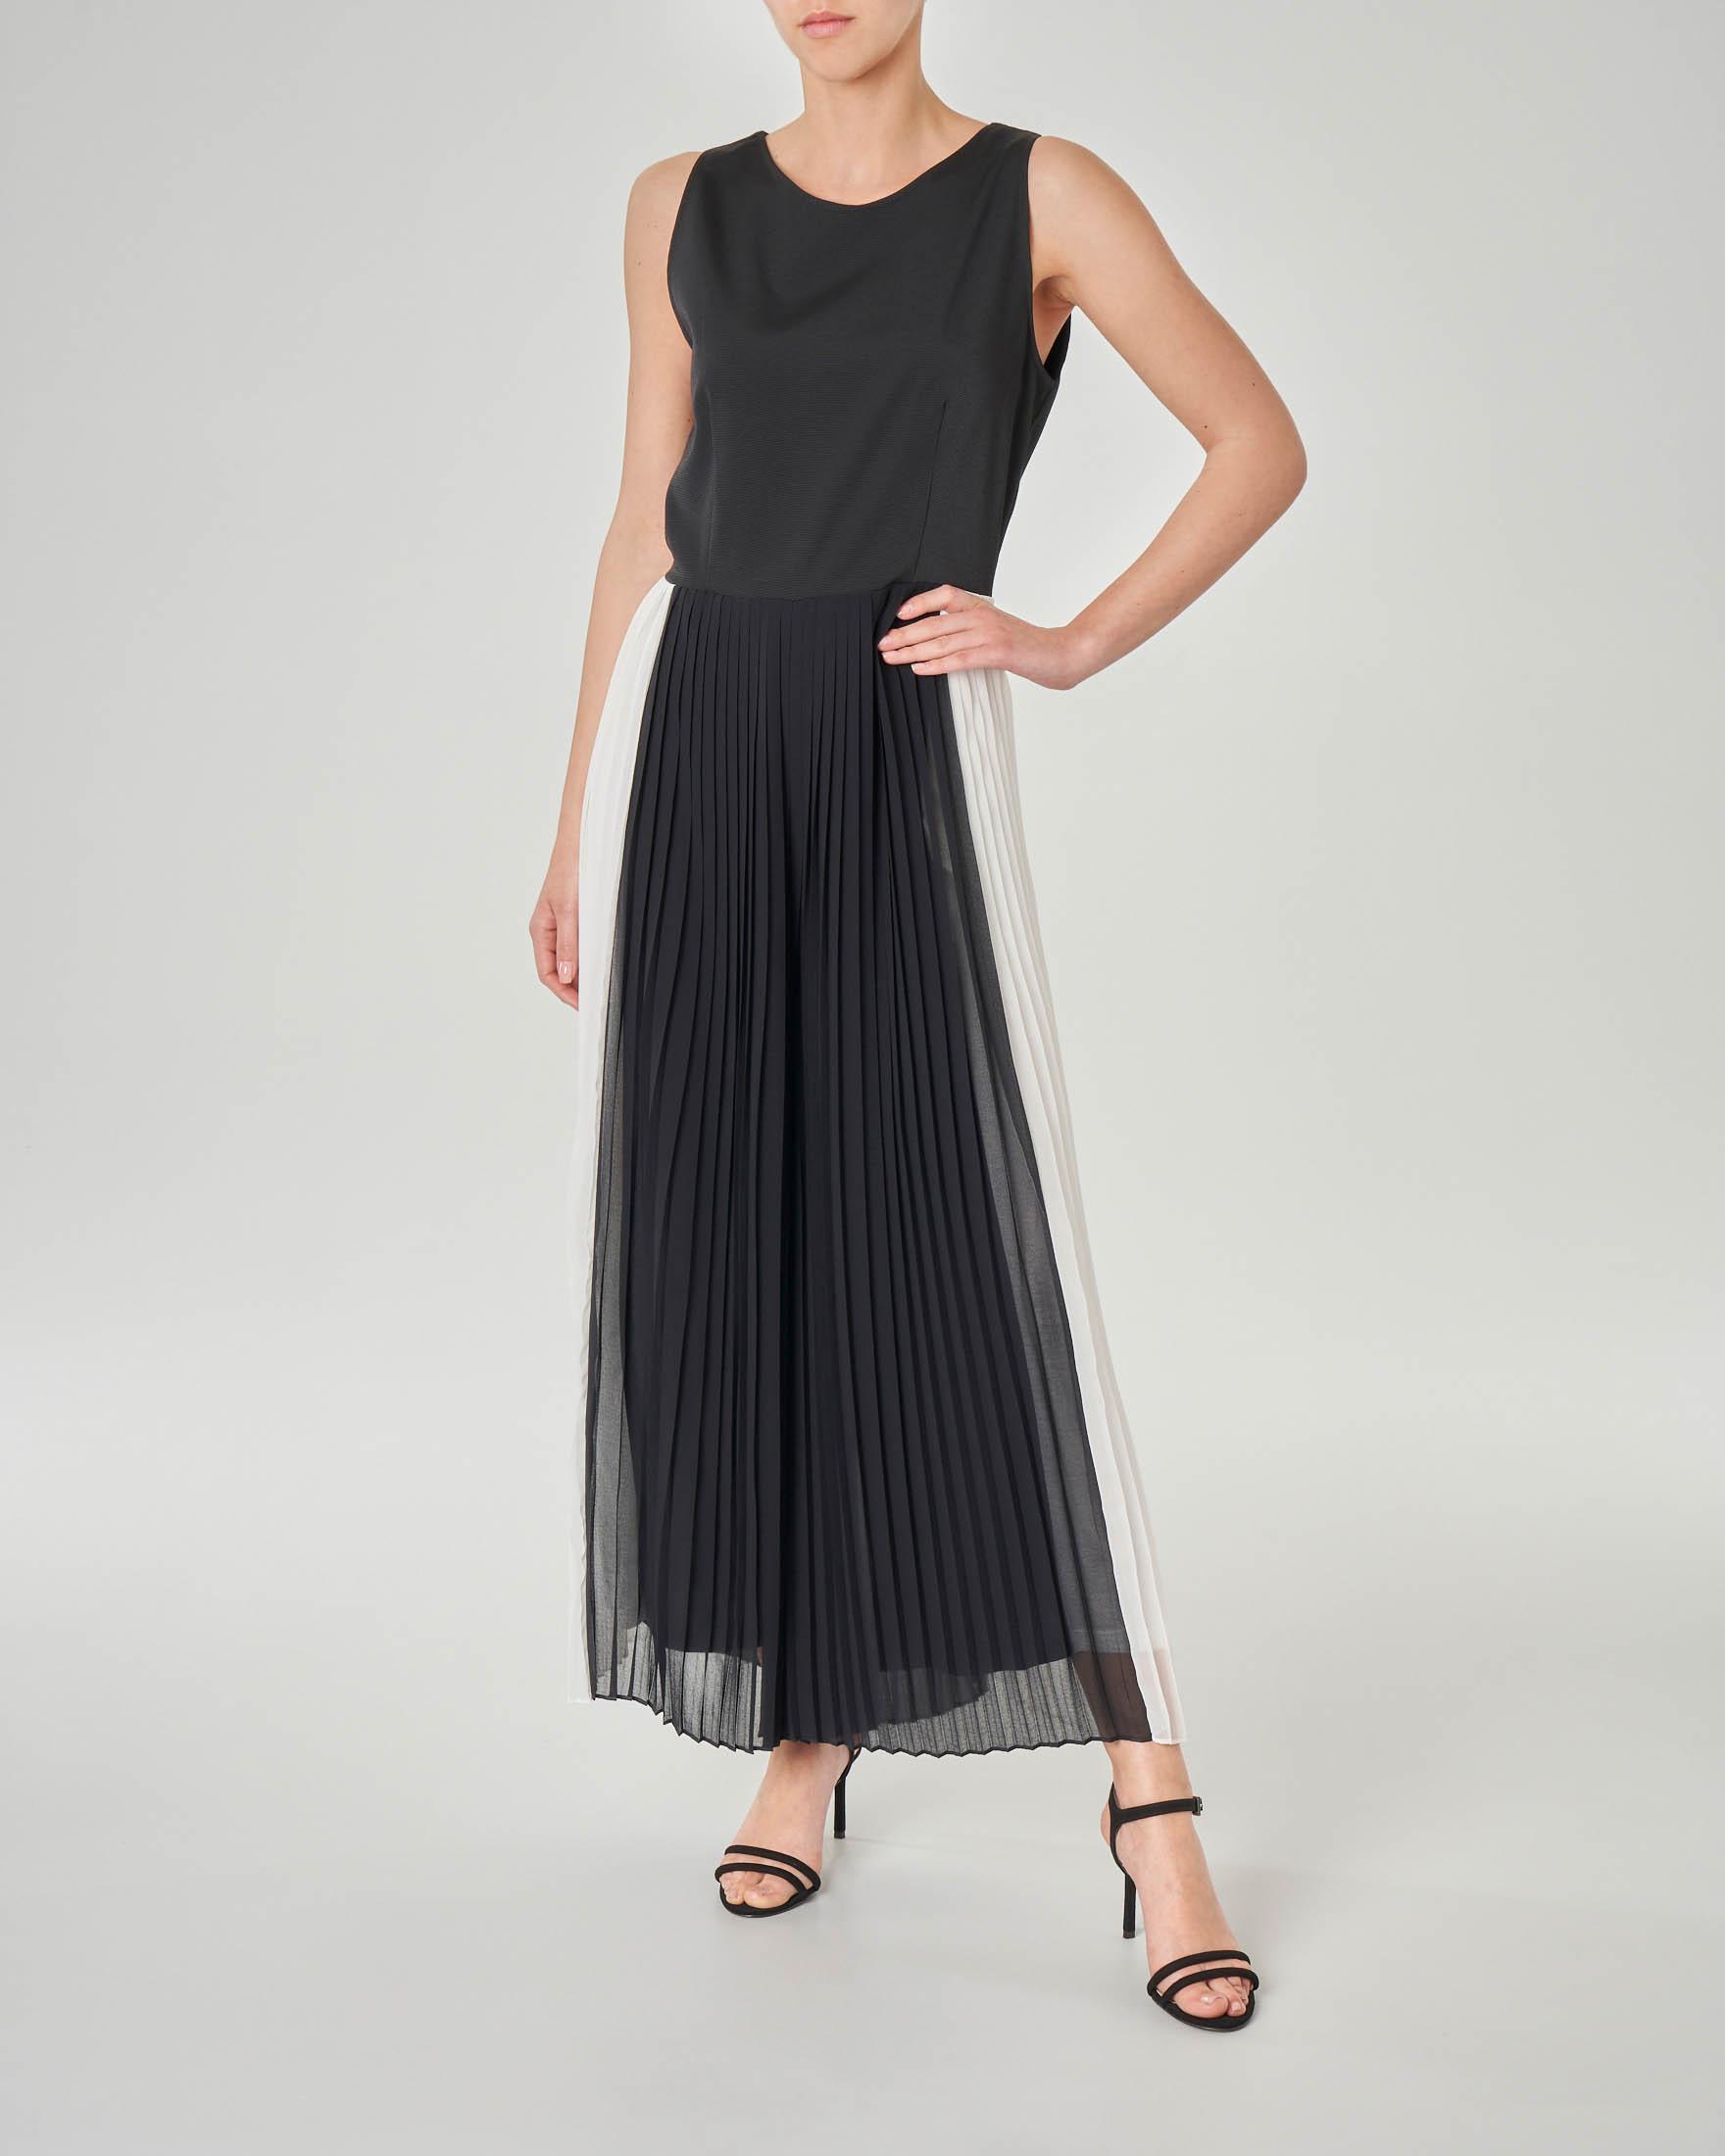 Tuta con pantalone plissè bicolore e corpetto con apertura sulla schiena